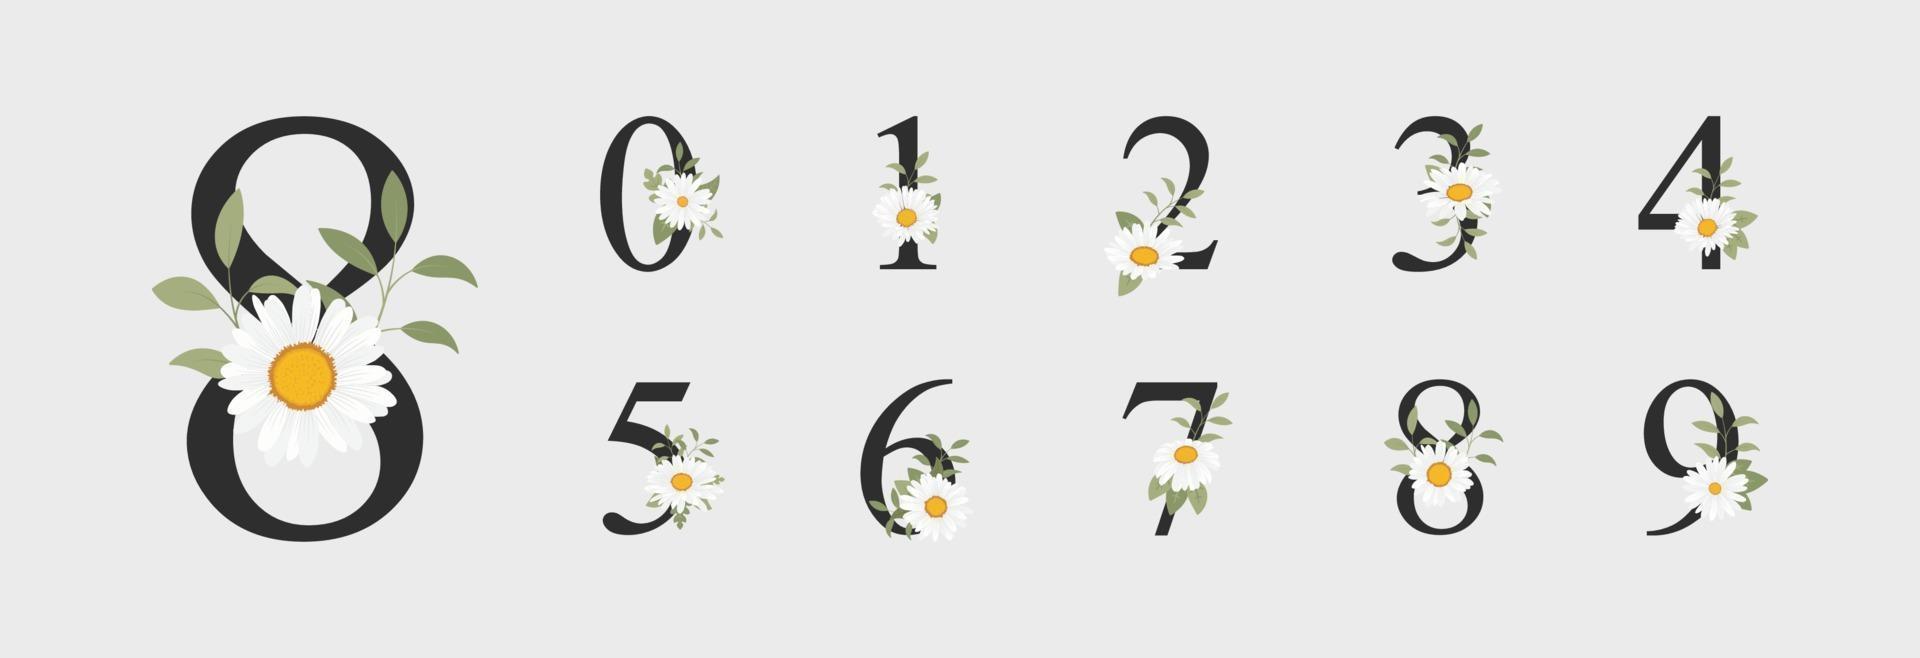 linda decoração numérica para casamento com flor vetor